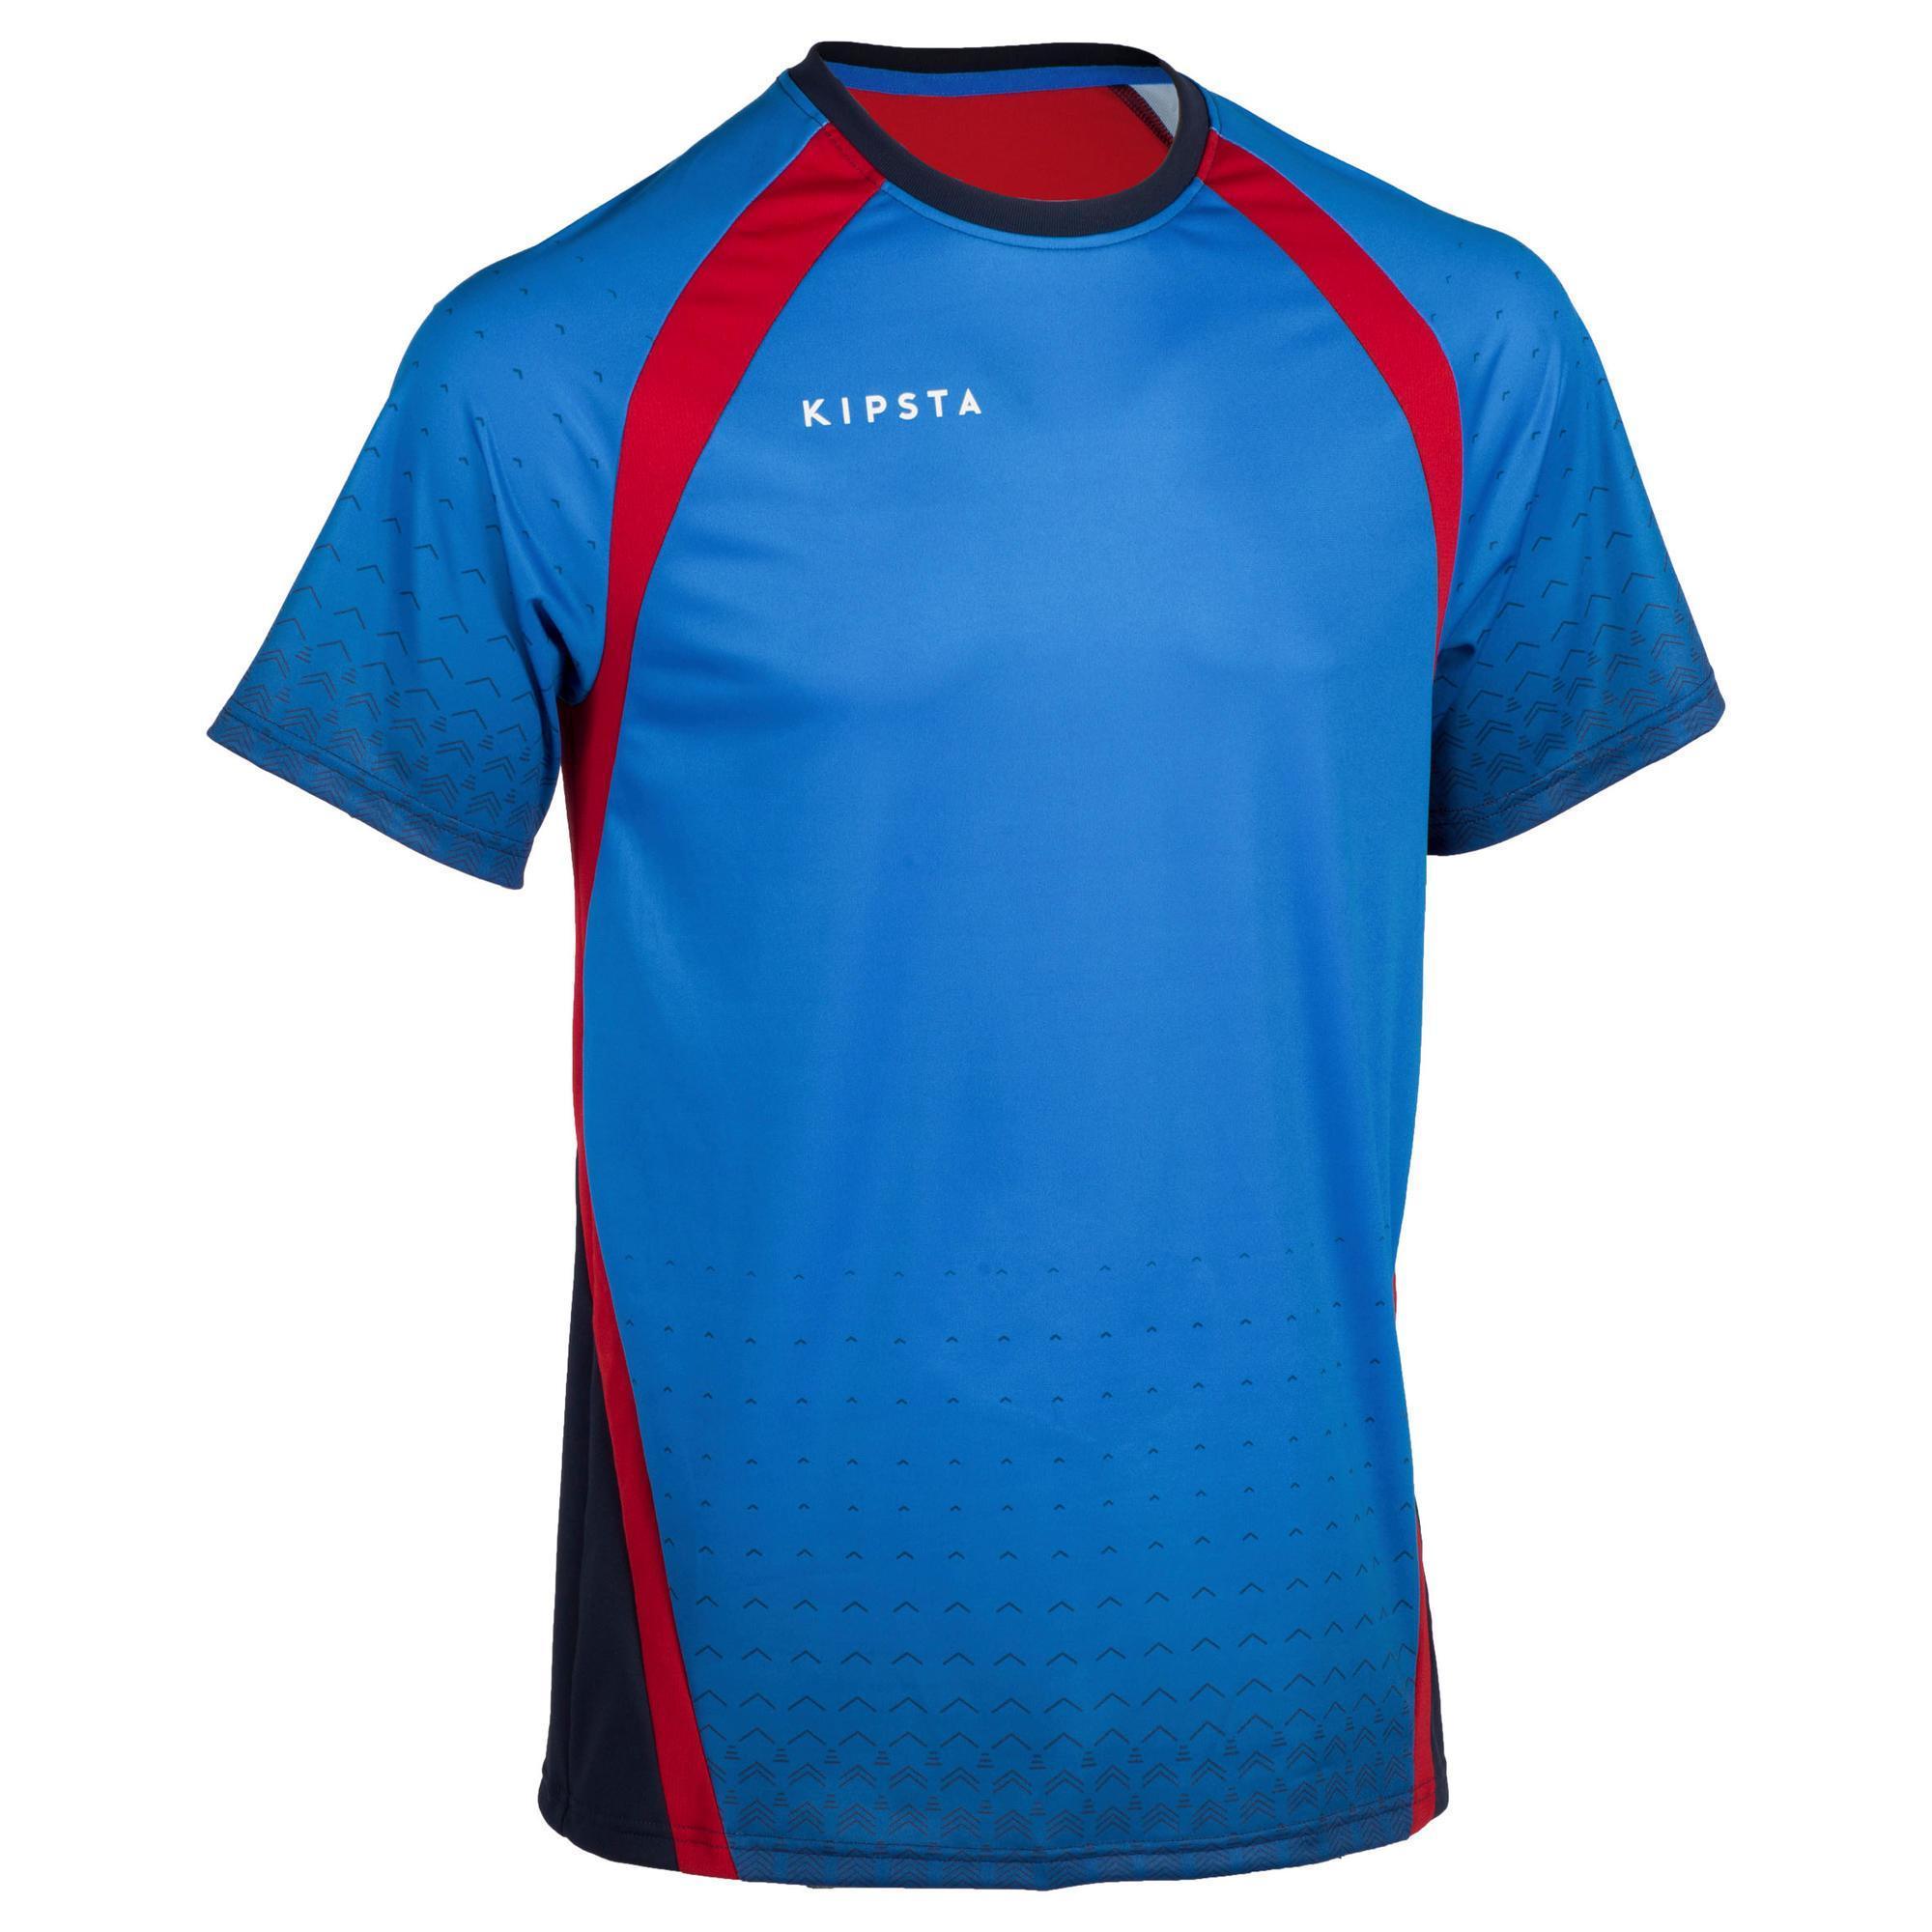 Comprar Ropa de Voleibol online  9bd4755692124